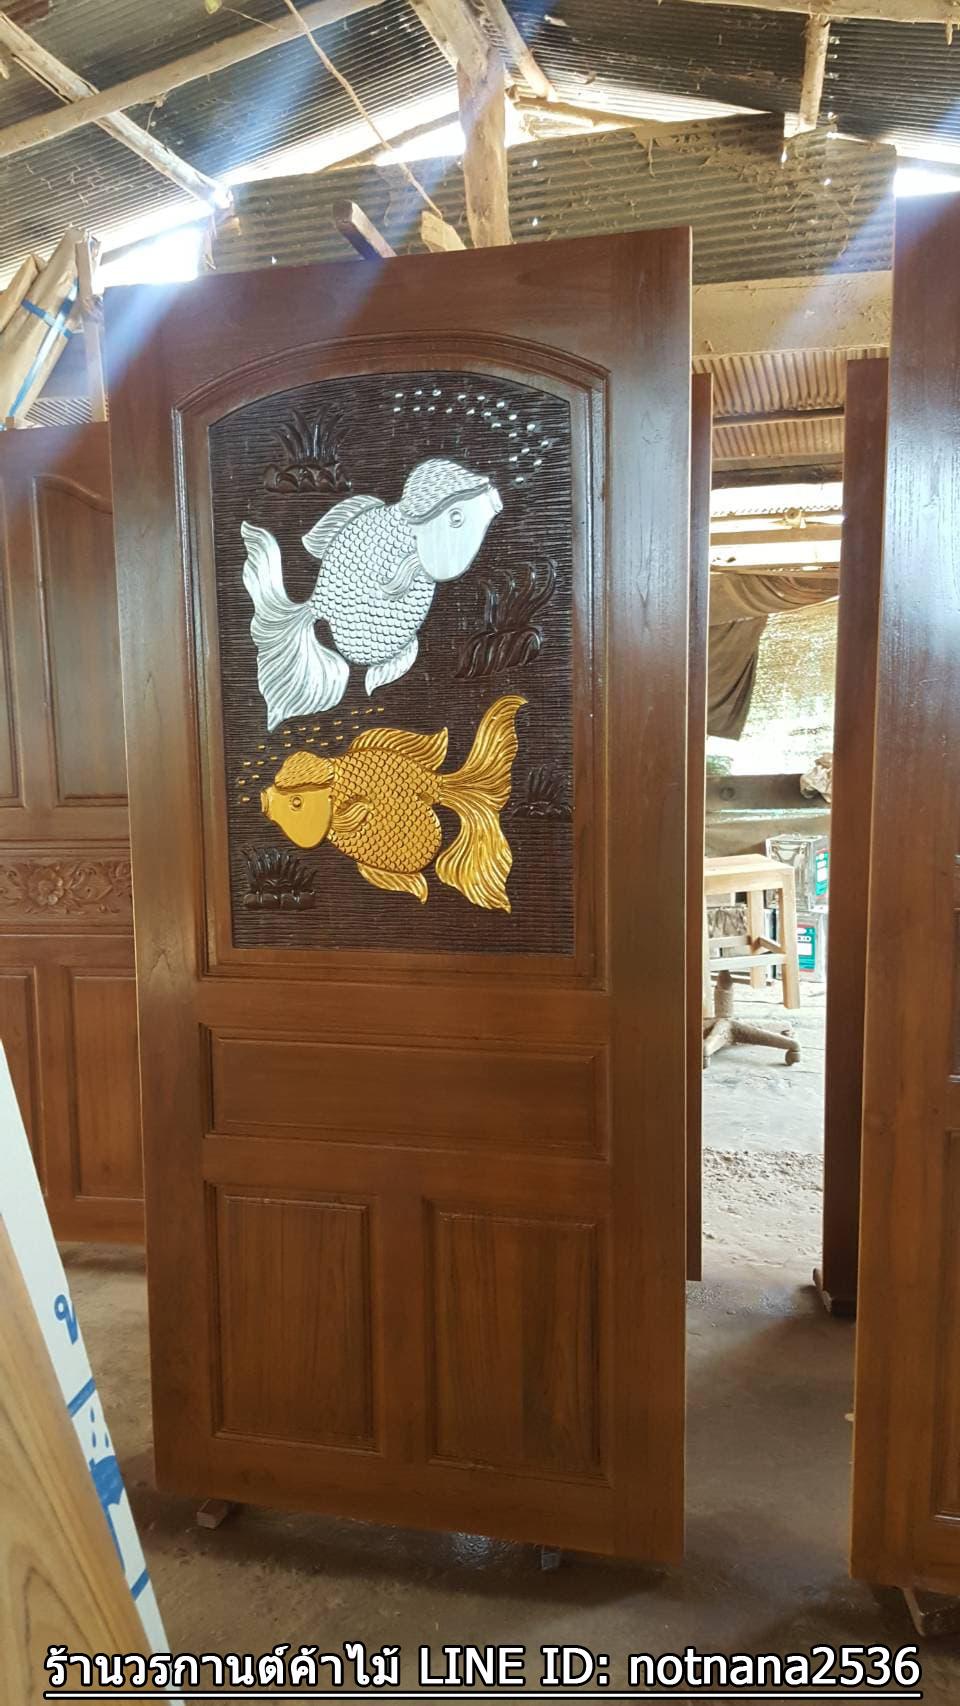 ประตูไม้สักบานเดี่ยว ปลาเงิน-ปลาทอง เกรดA, B+ รหัส C56